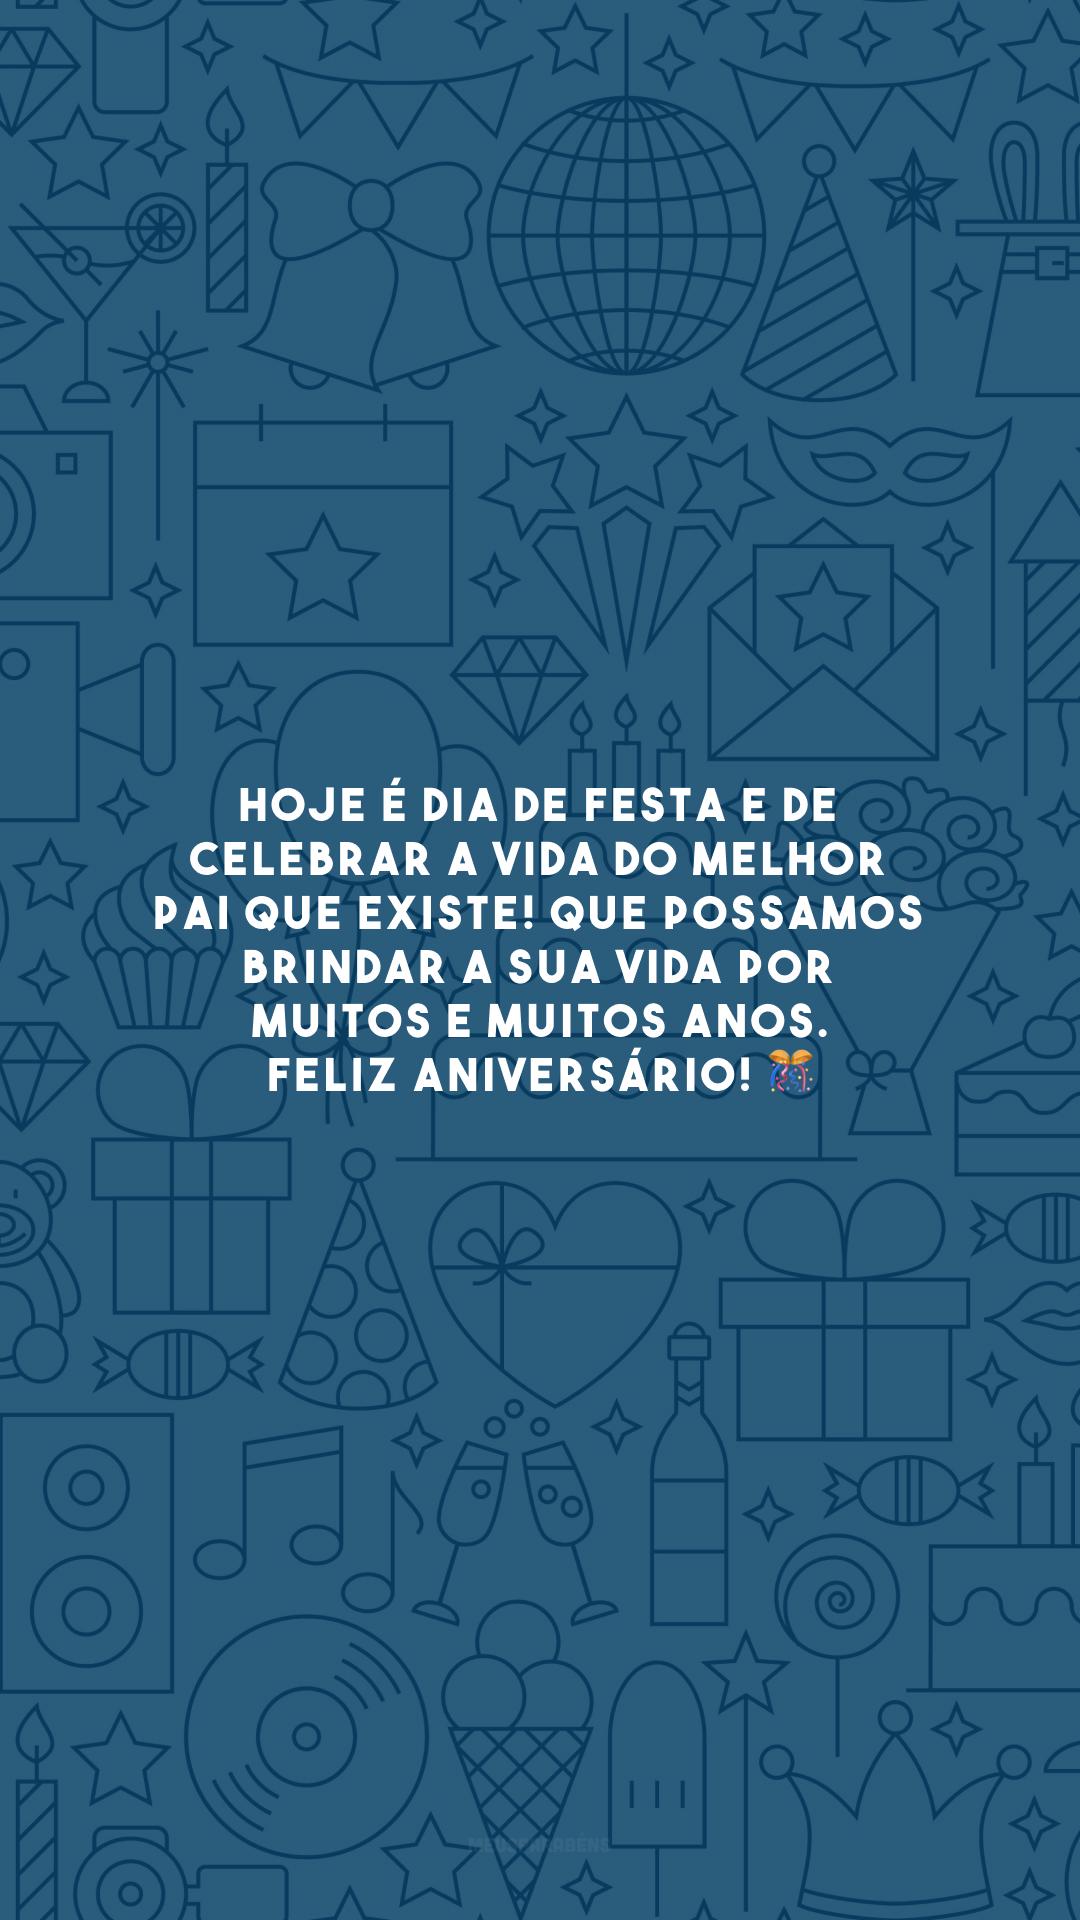 Hoje é dia de festa e de celebrar a vida do melhor pai que existe! Que possamos brindar a sua vida por muitos e muitos anos. Feliz aniversário! 🎊